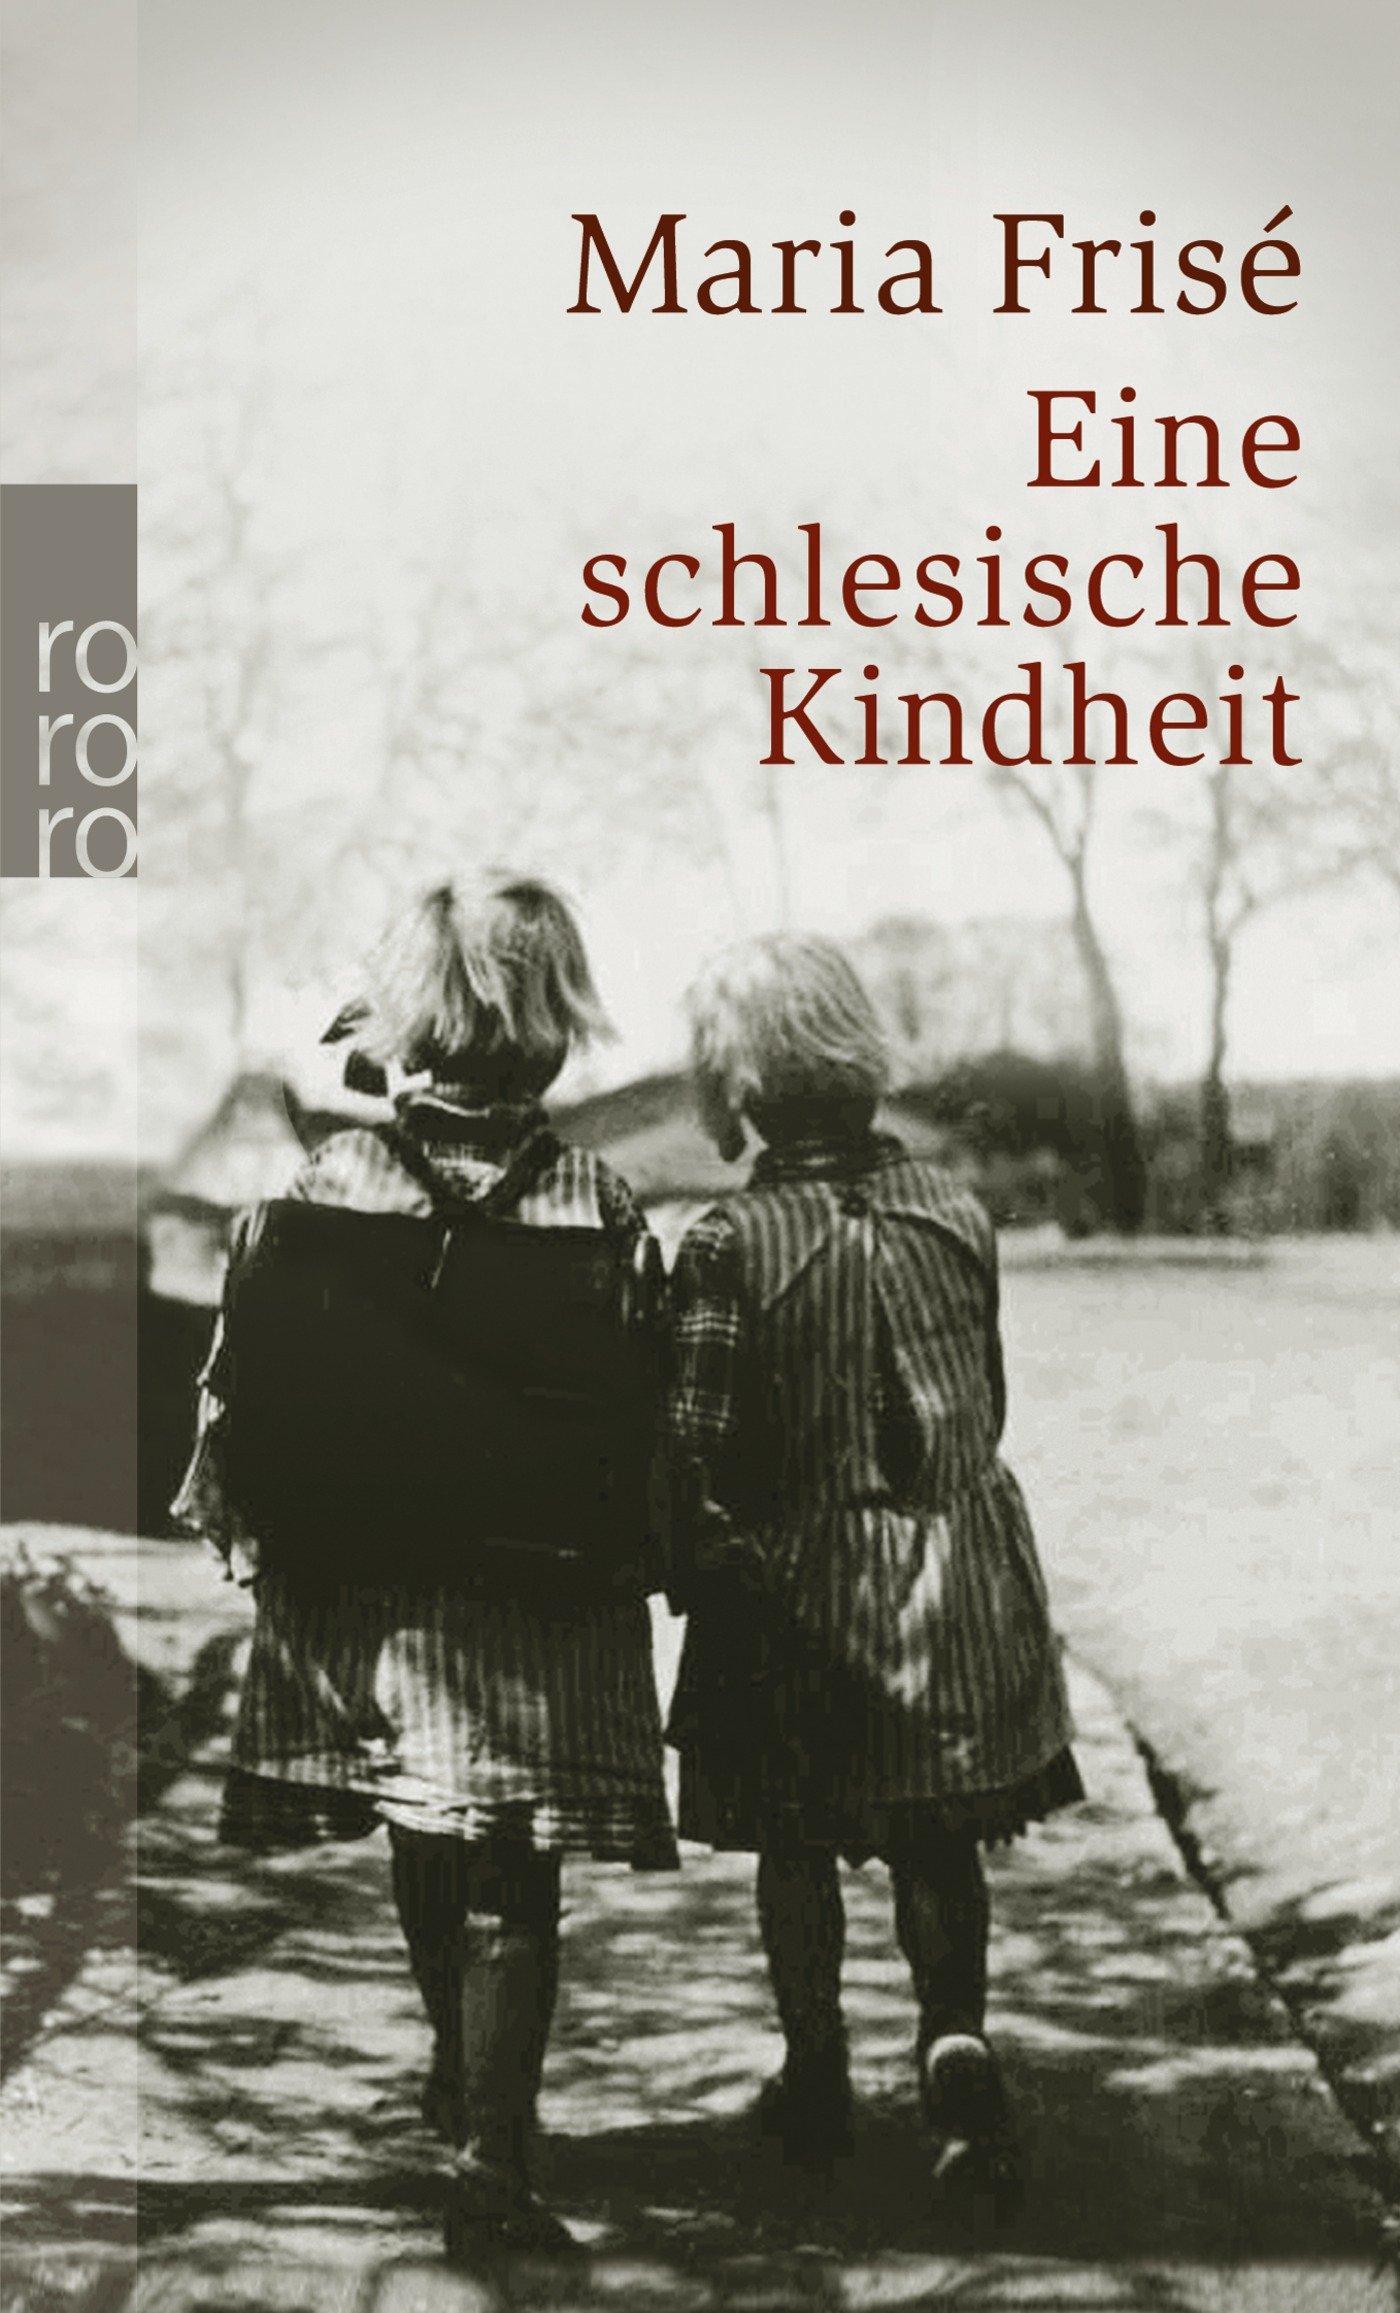 Eine schlesische Kindheit Taschenbuch – 1. März 2006 Maria Frisé Rowohlt Taschenbuch 3499241234 Belletristik / Biographien